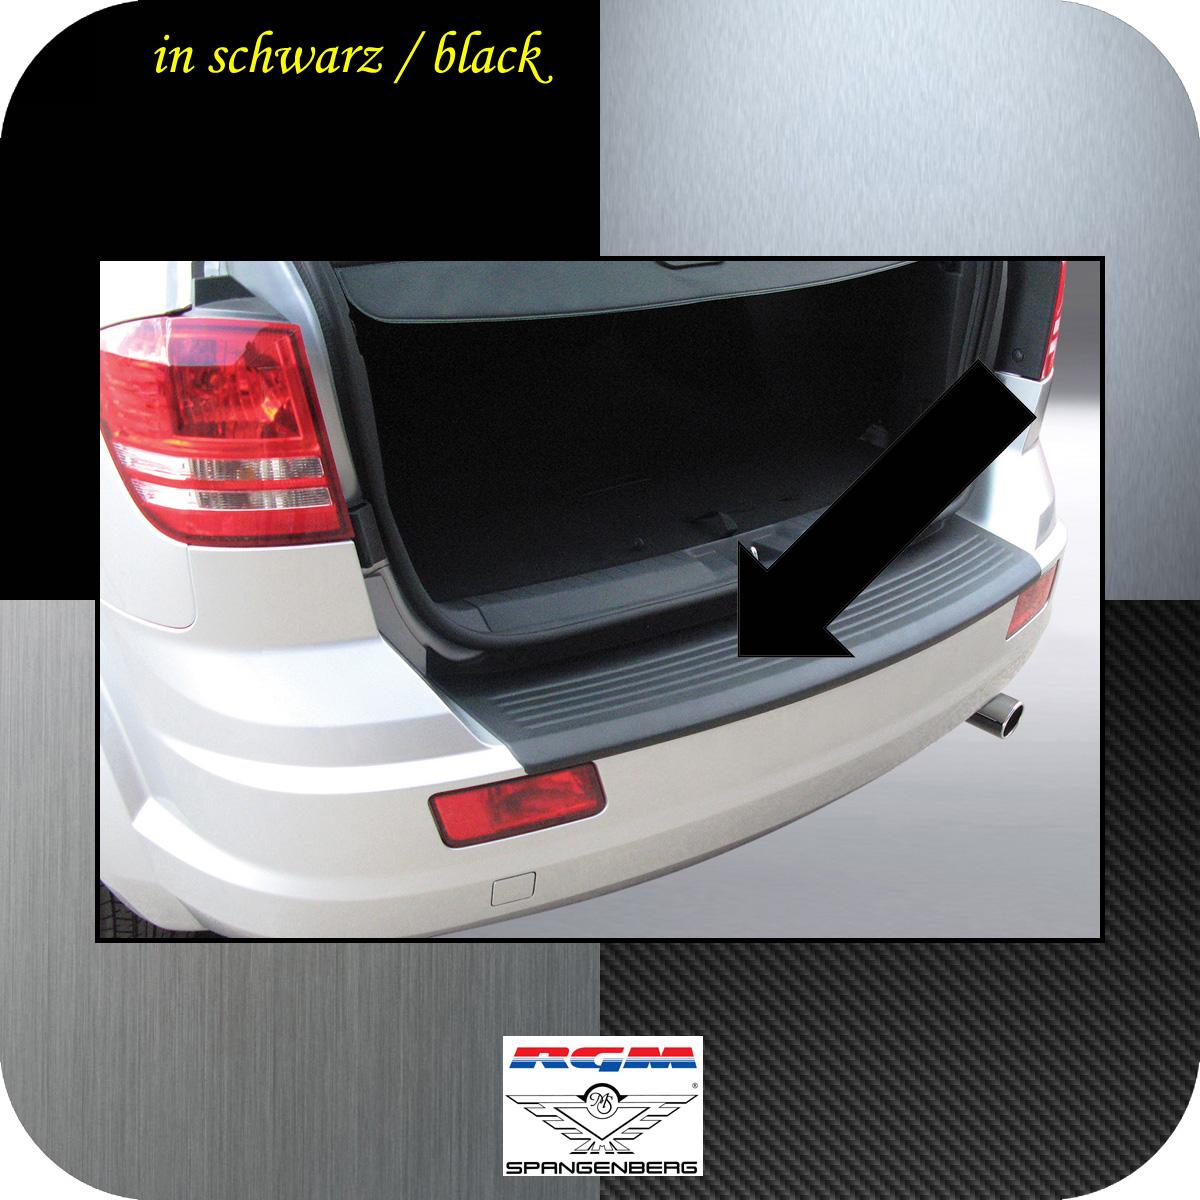 Ladekantenschutz schwarz Dodge Journey SUV vor facelift 2007-2011 3500267